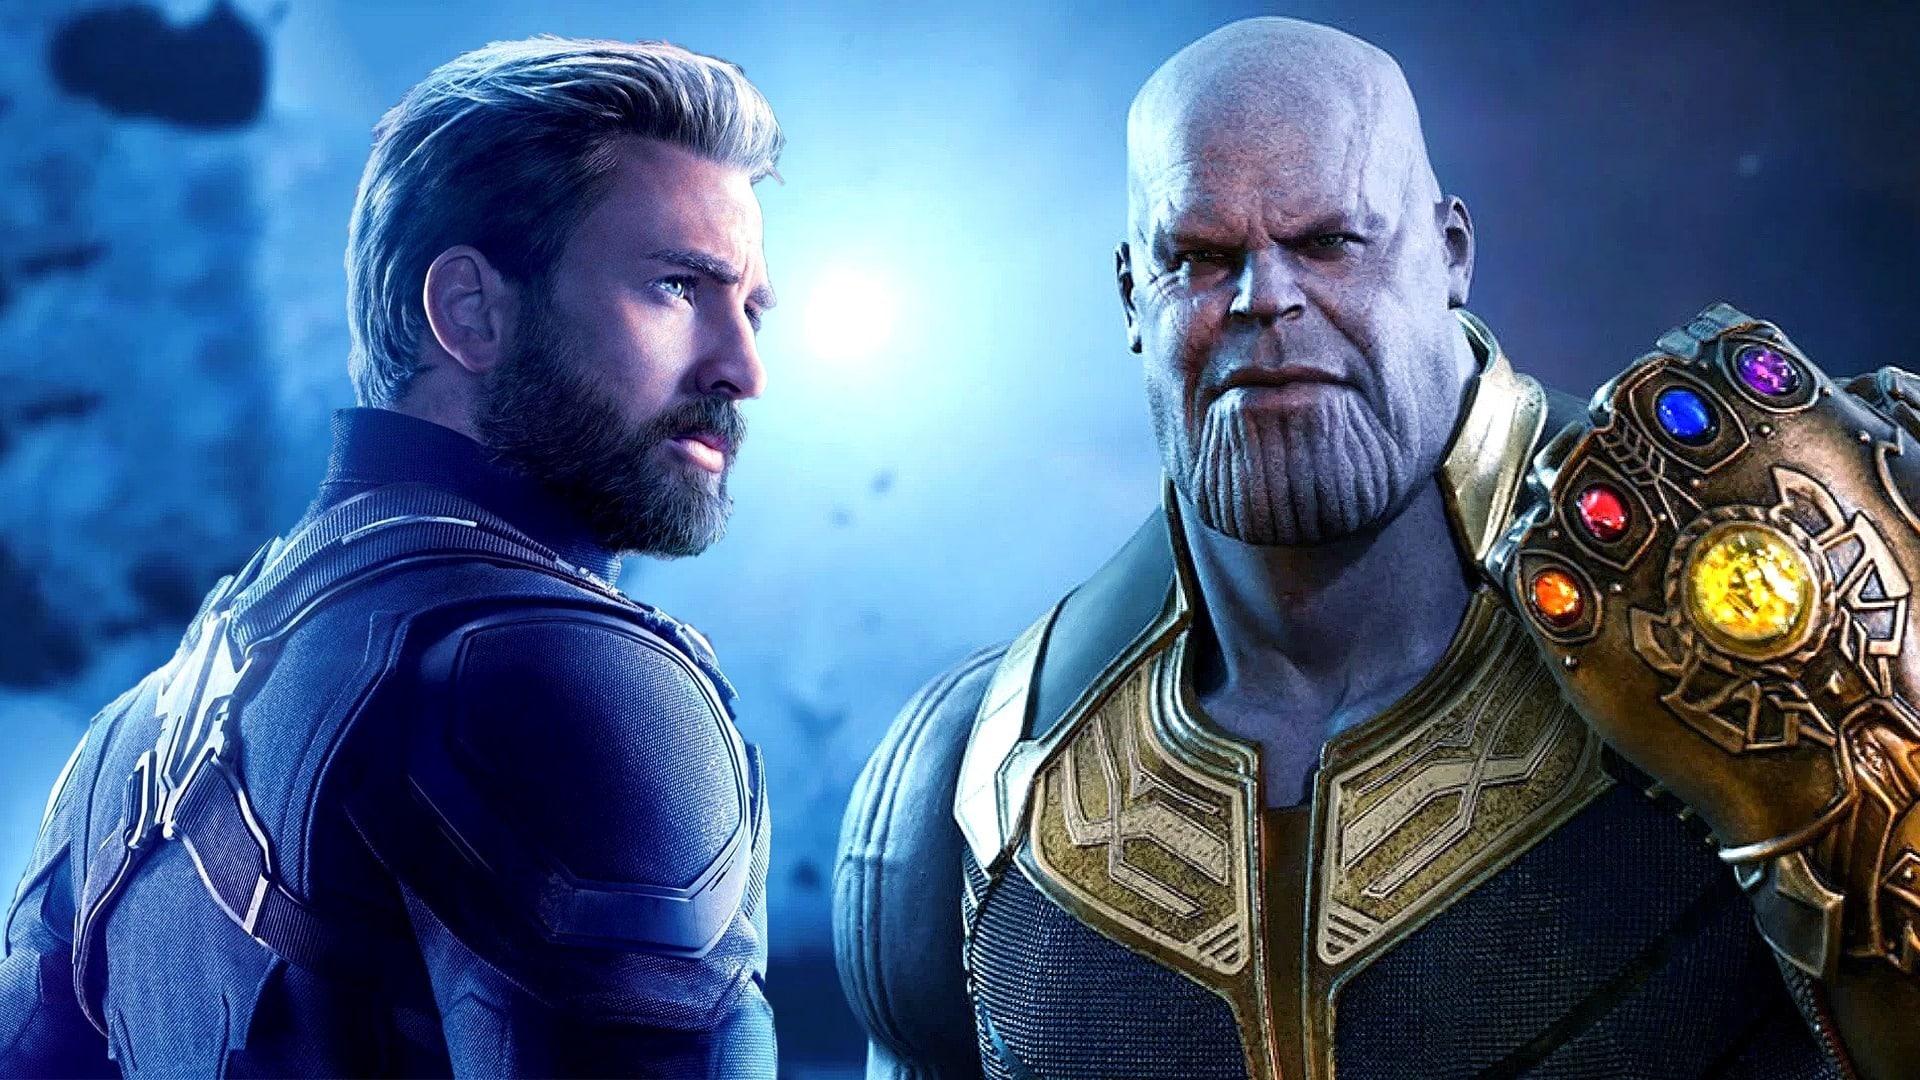 koniec filmu avengers: endgame